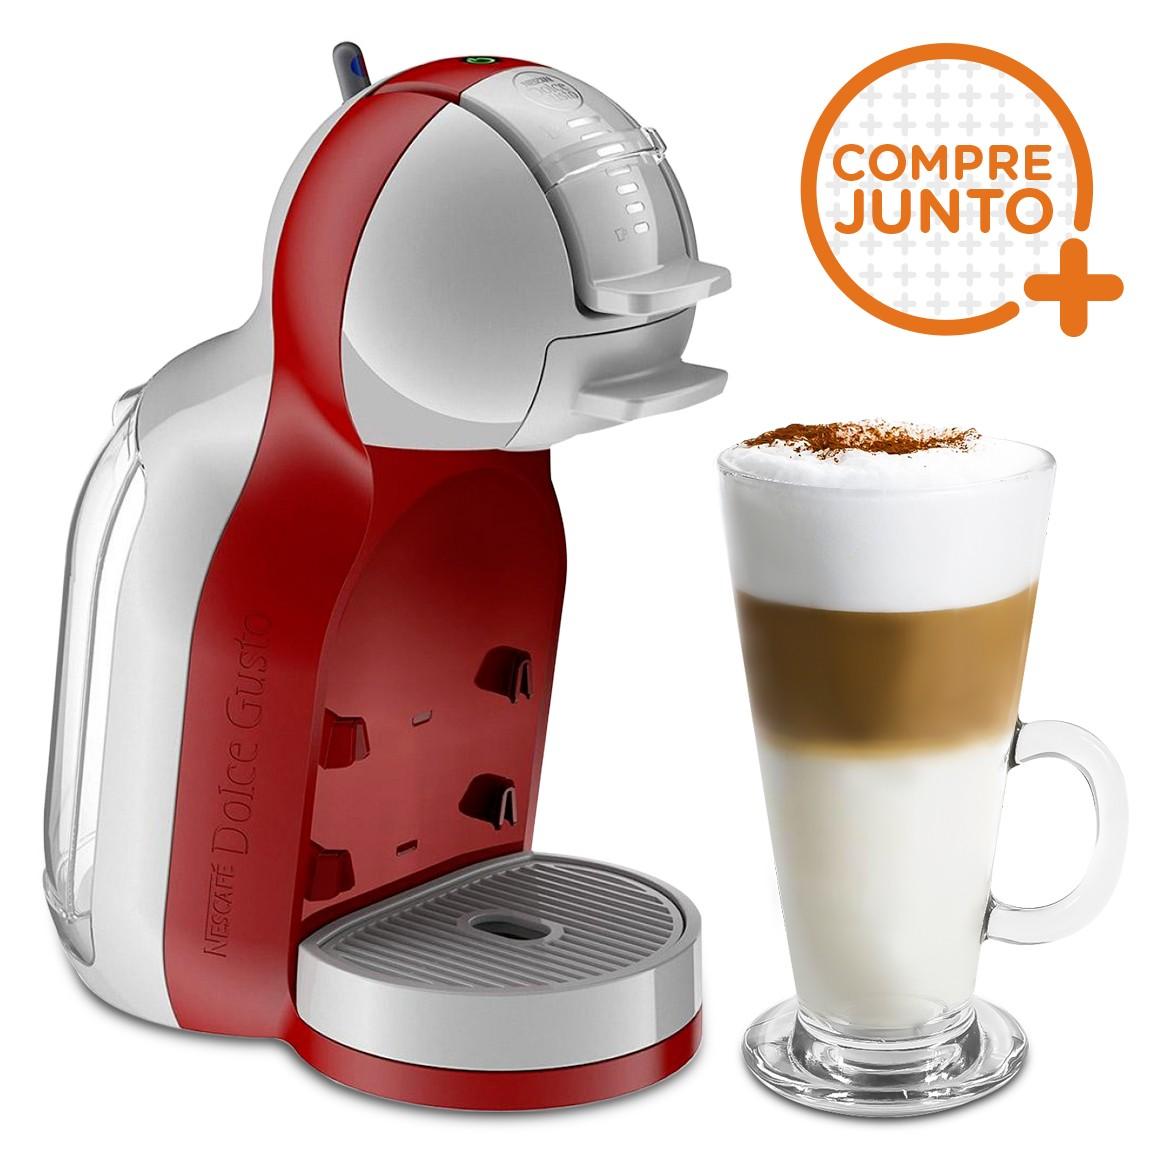 Cafeteira Expresso Dolce Gusto Mini Me Automática Vermelha 220v + 1 Taça de Café 250ml